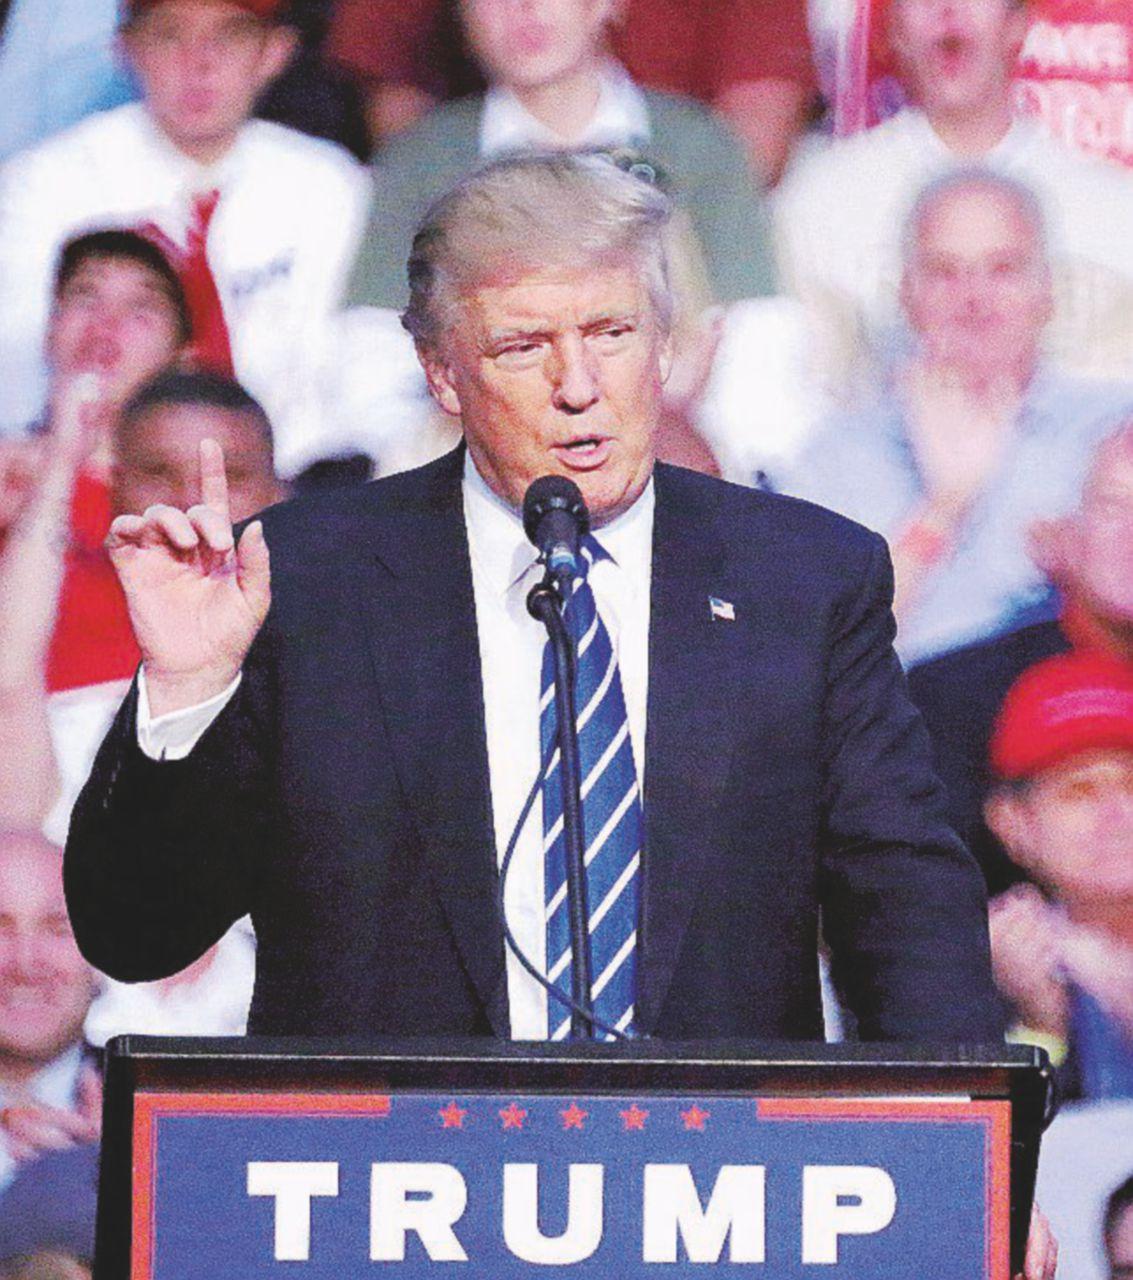 Lo sceriffo Trump cavalca l'onda della paura islamica